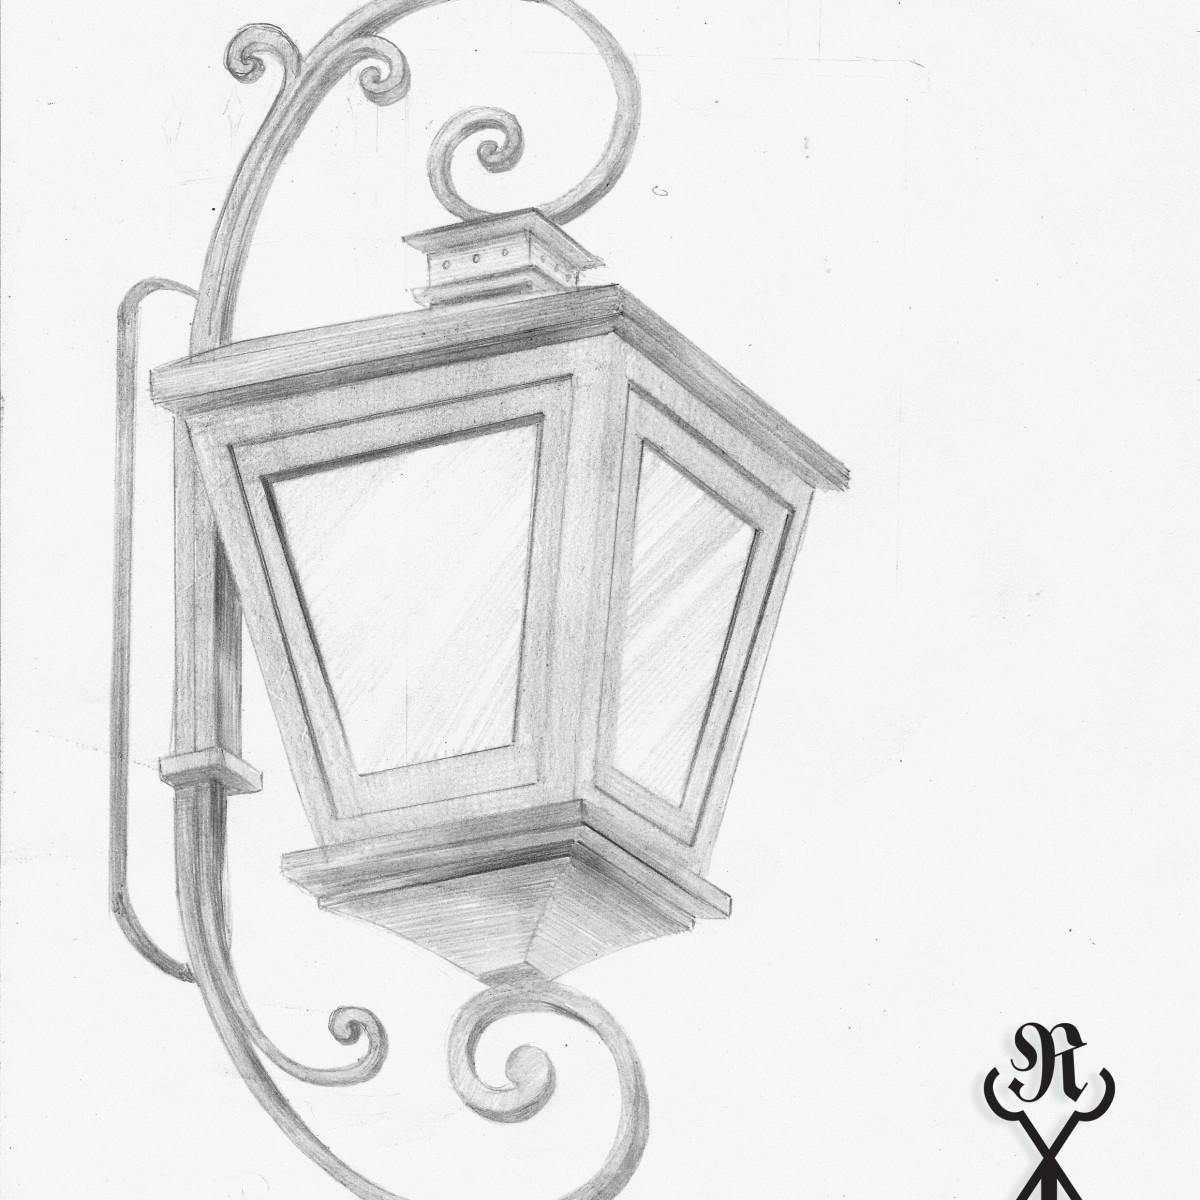 latarnia wzor -3